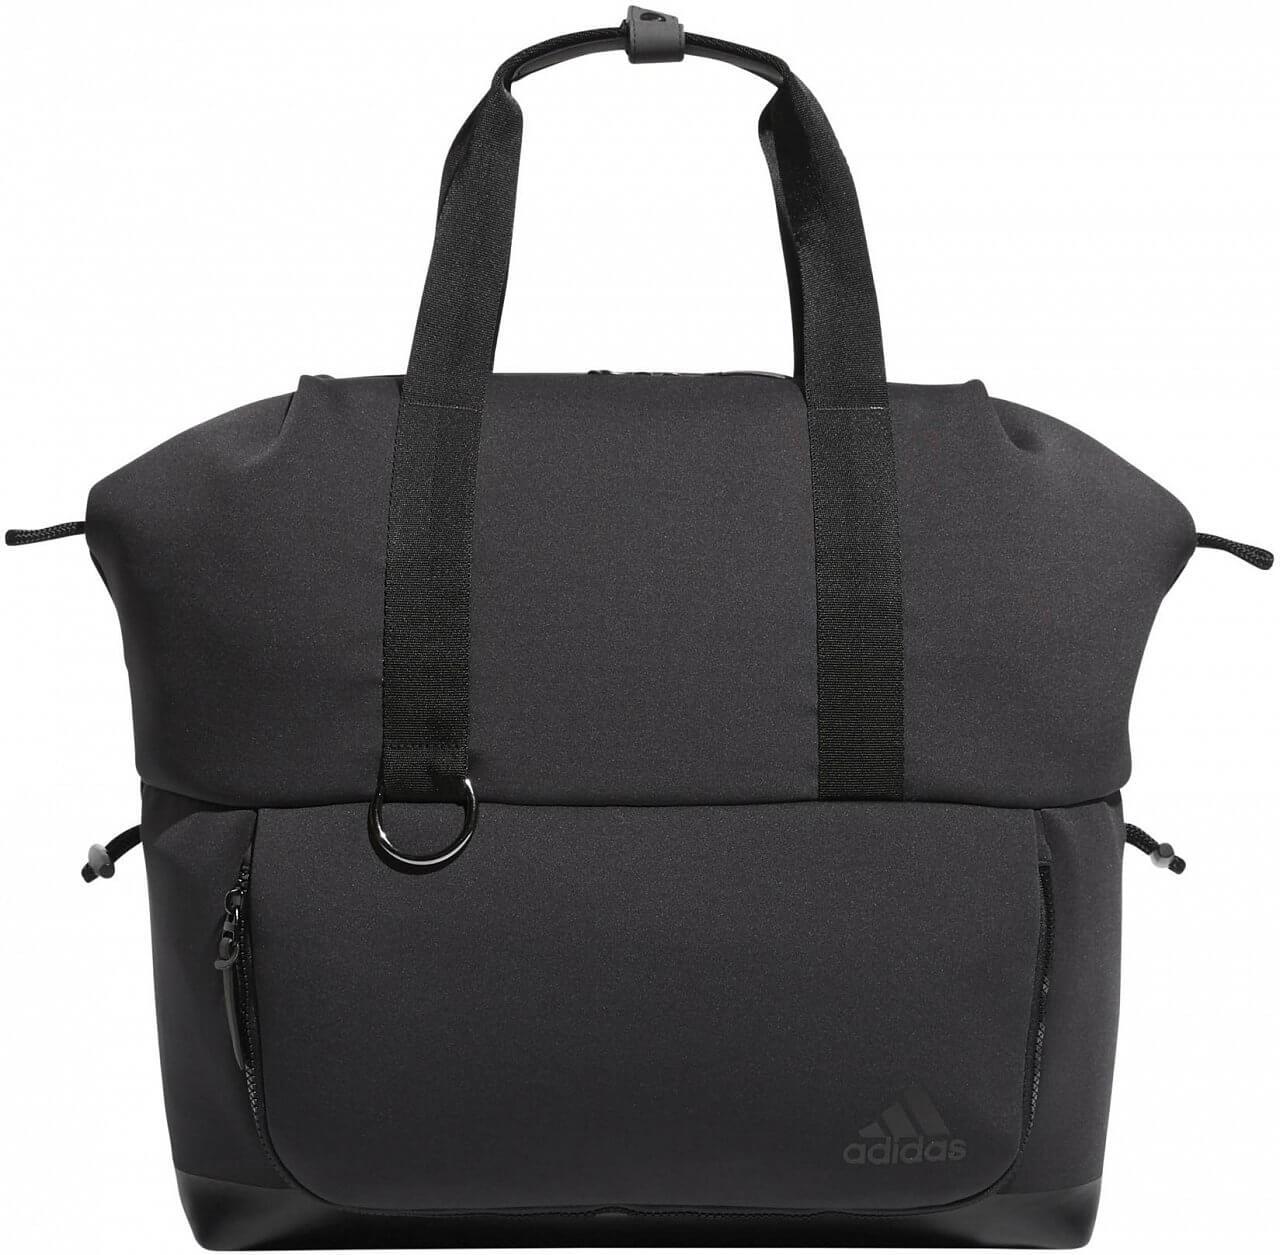 Sportovní taška adidas Favorite Tote Bag